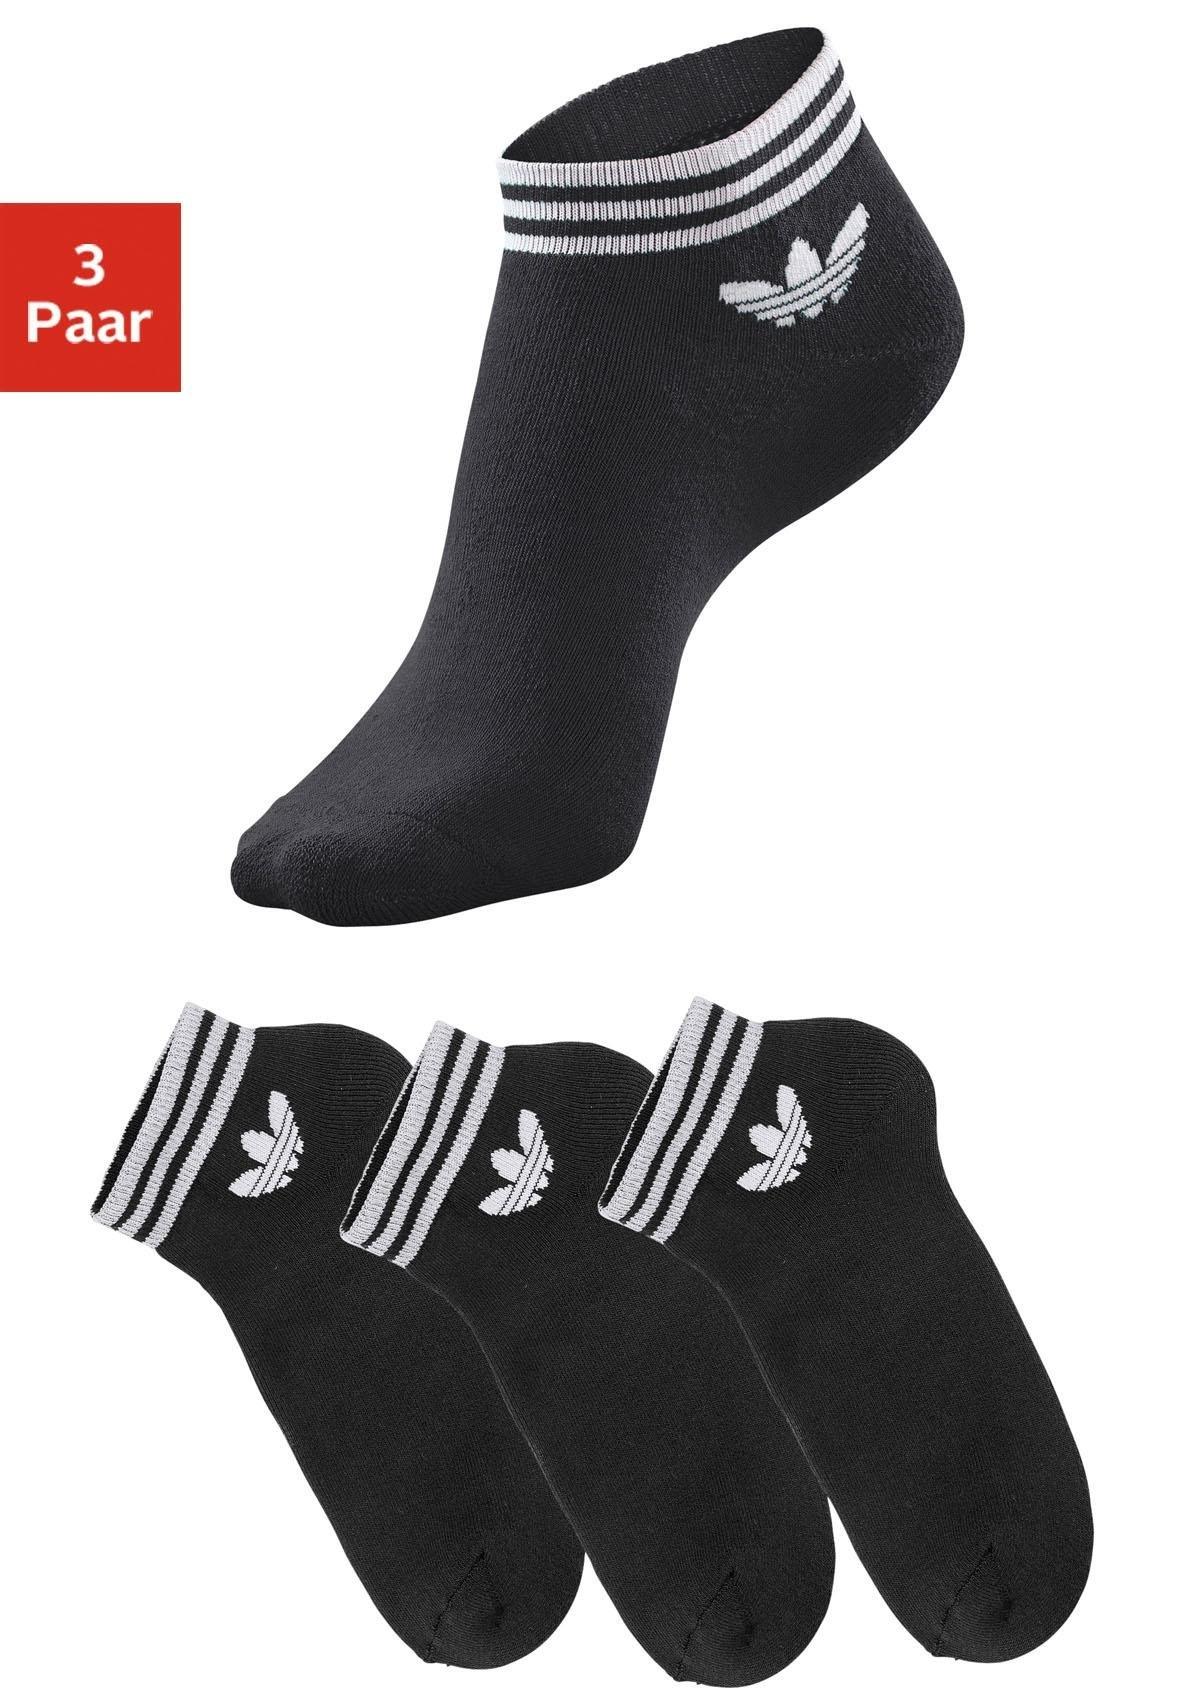 adidas Originals Sneakersokken (set van 3 paar) veilig op lascana.nl kopen